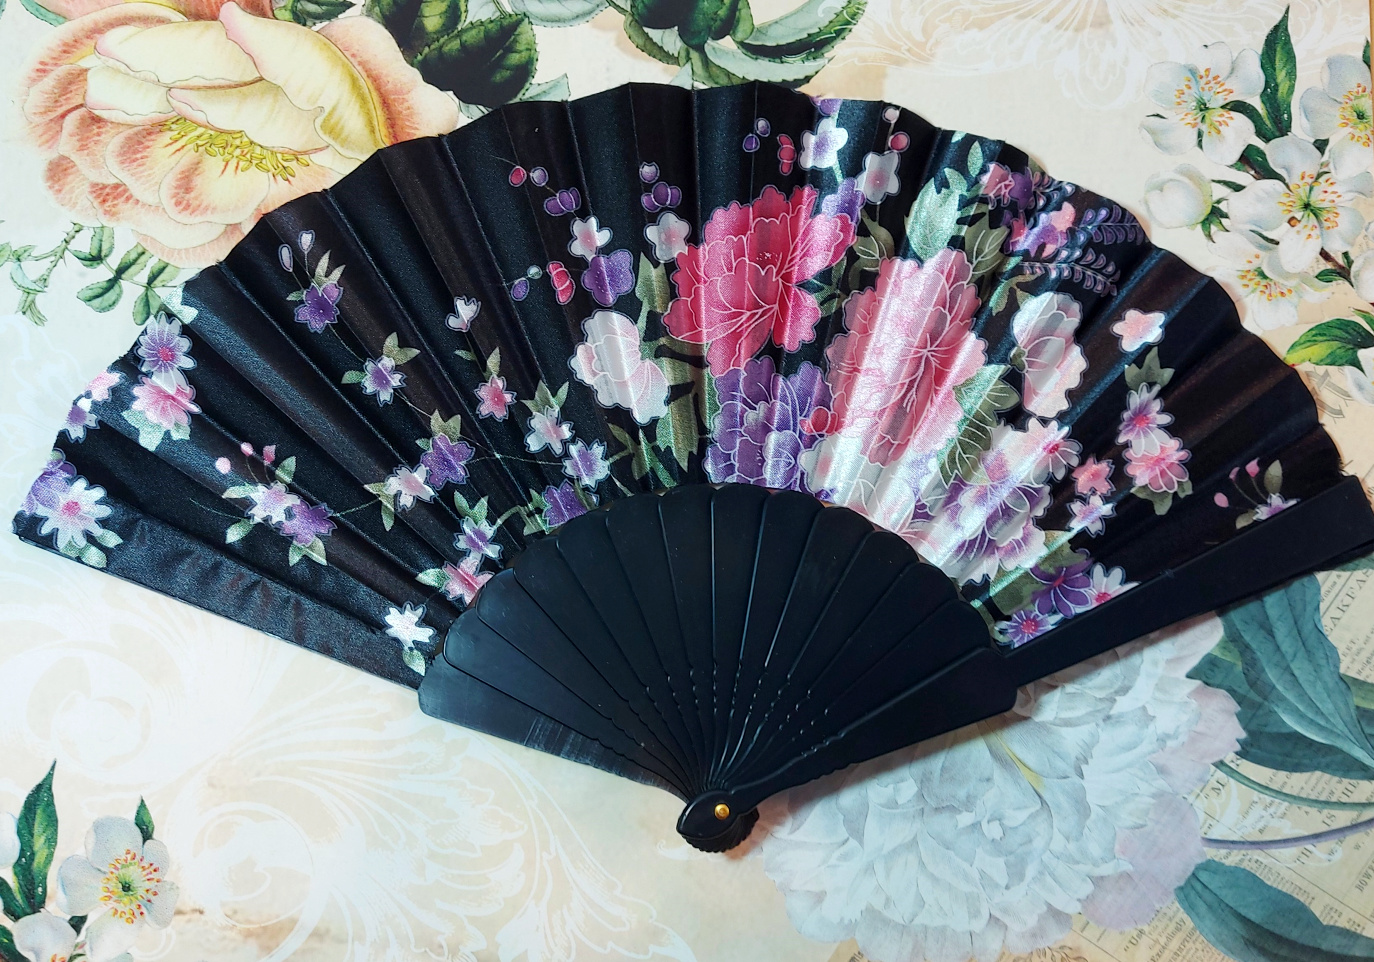 Fan Satin with Flowers